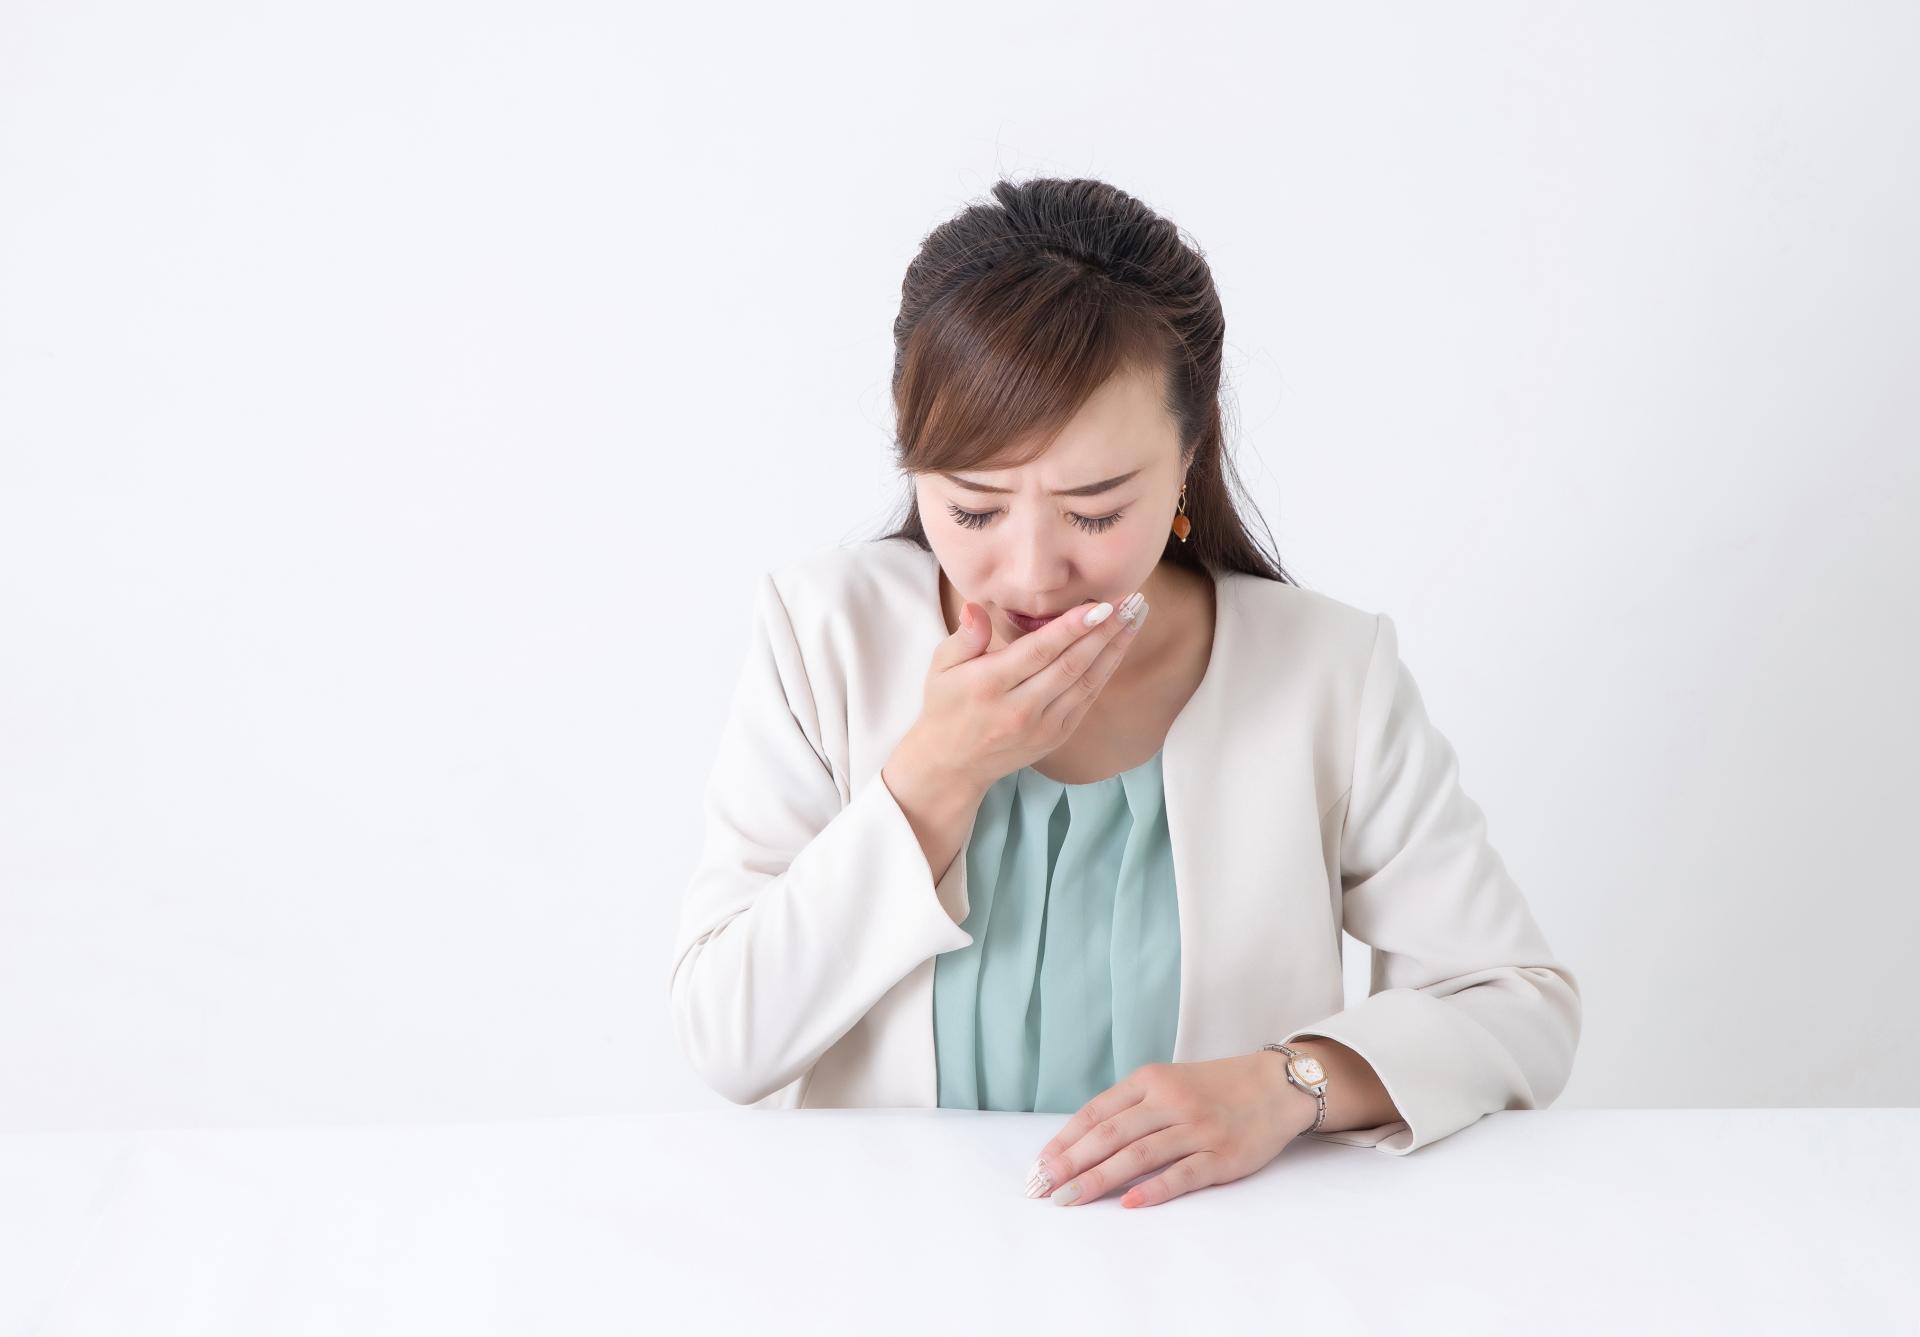 食道炎を疑う女性